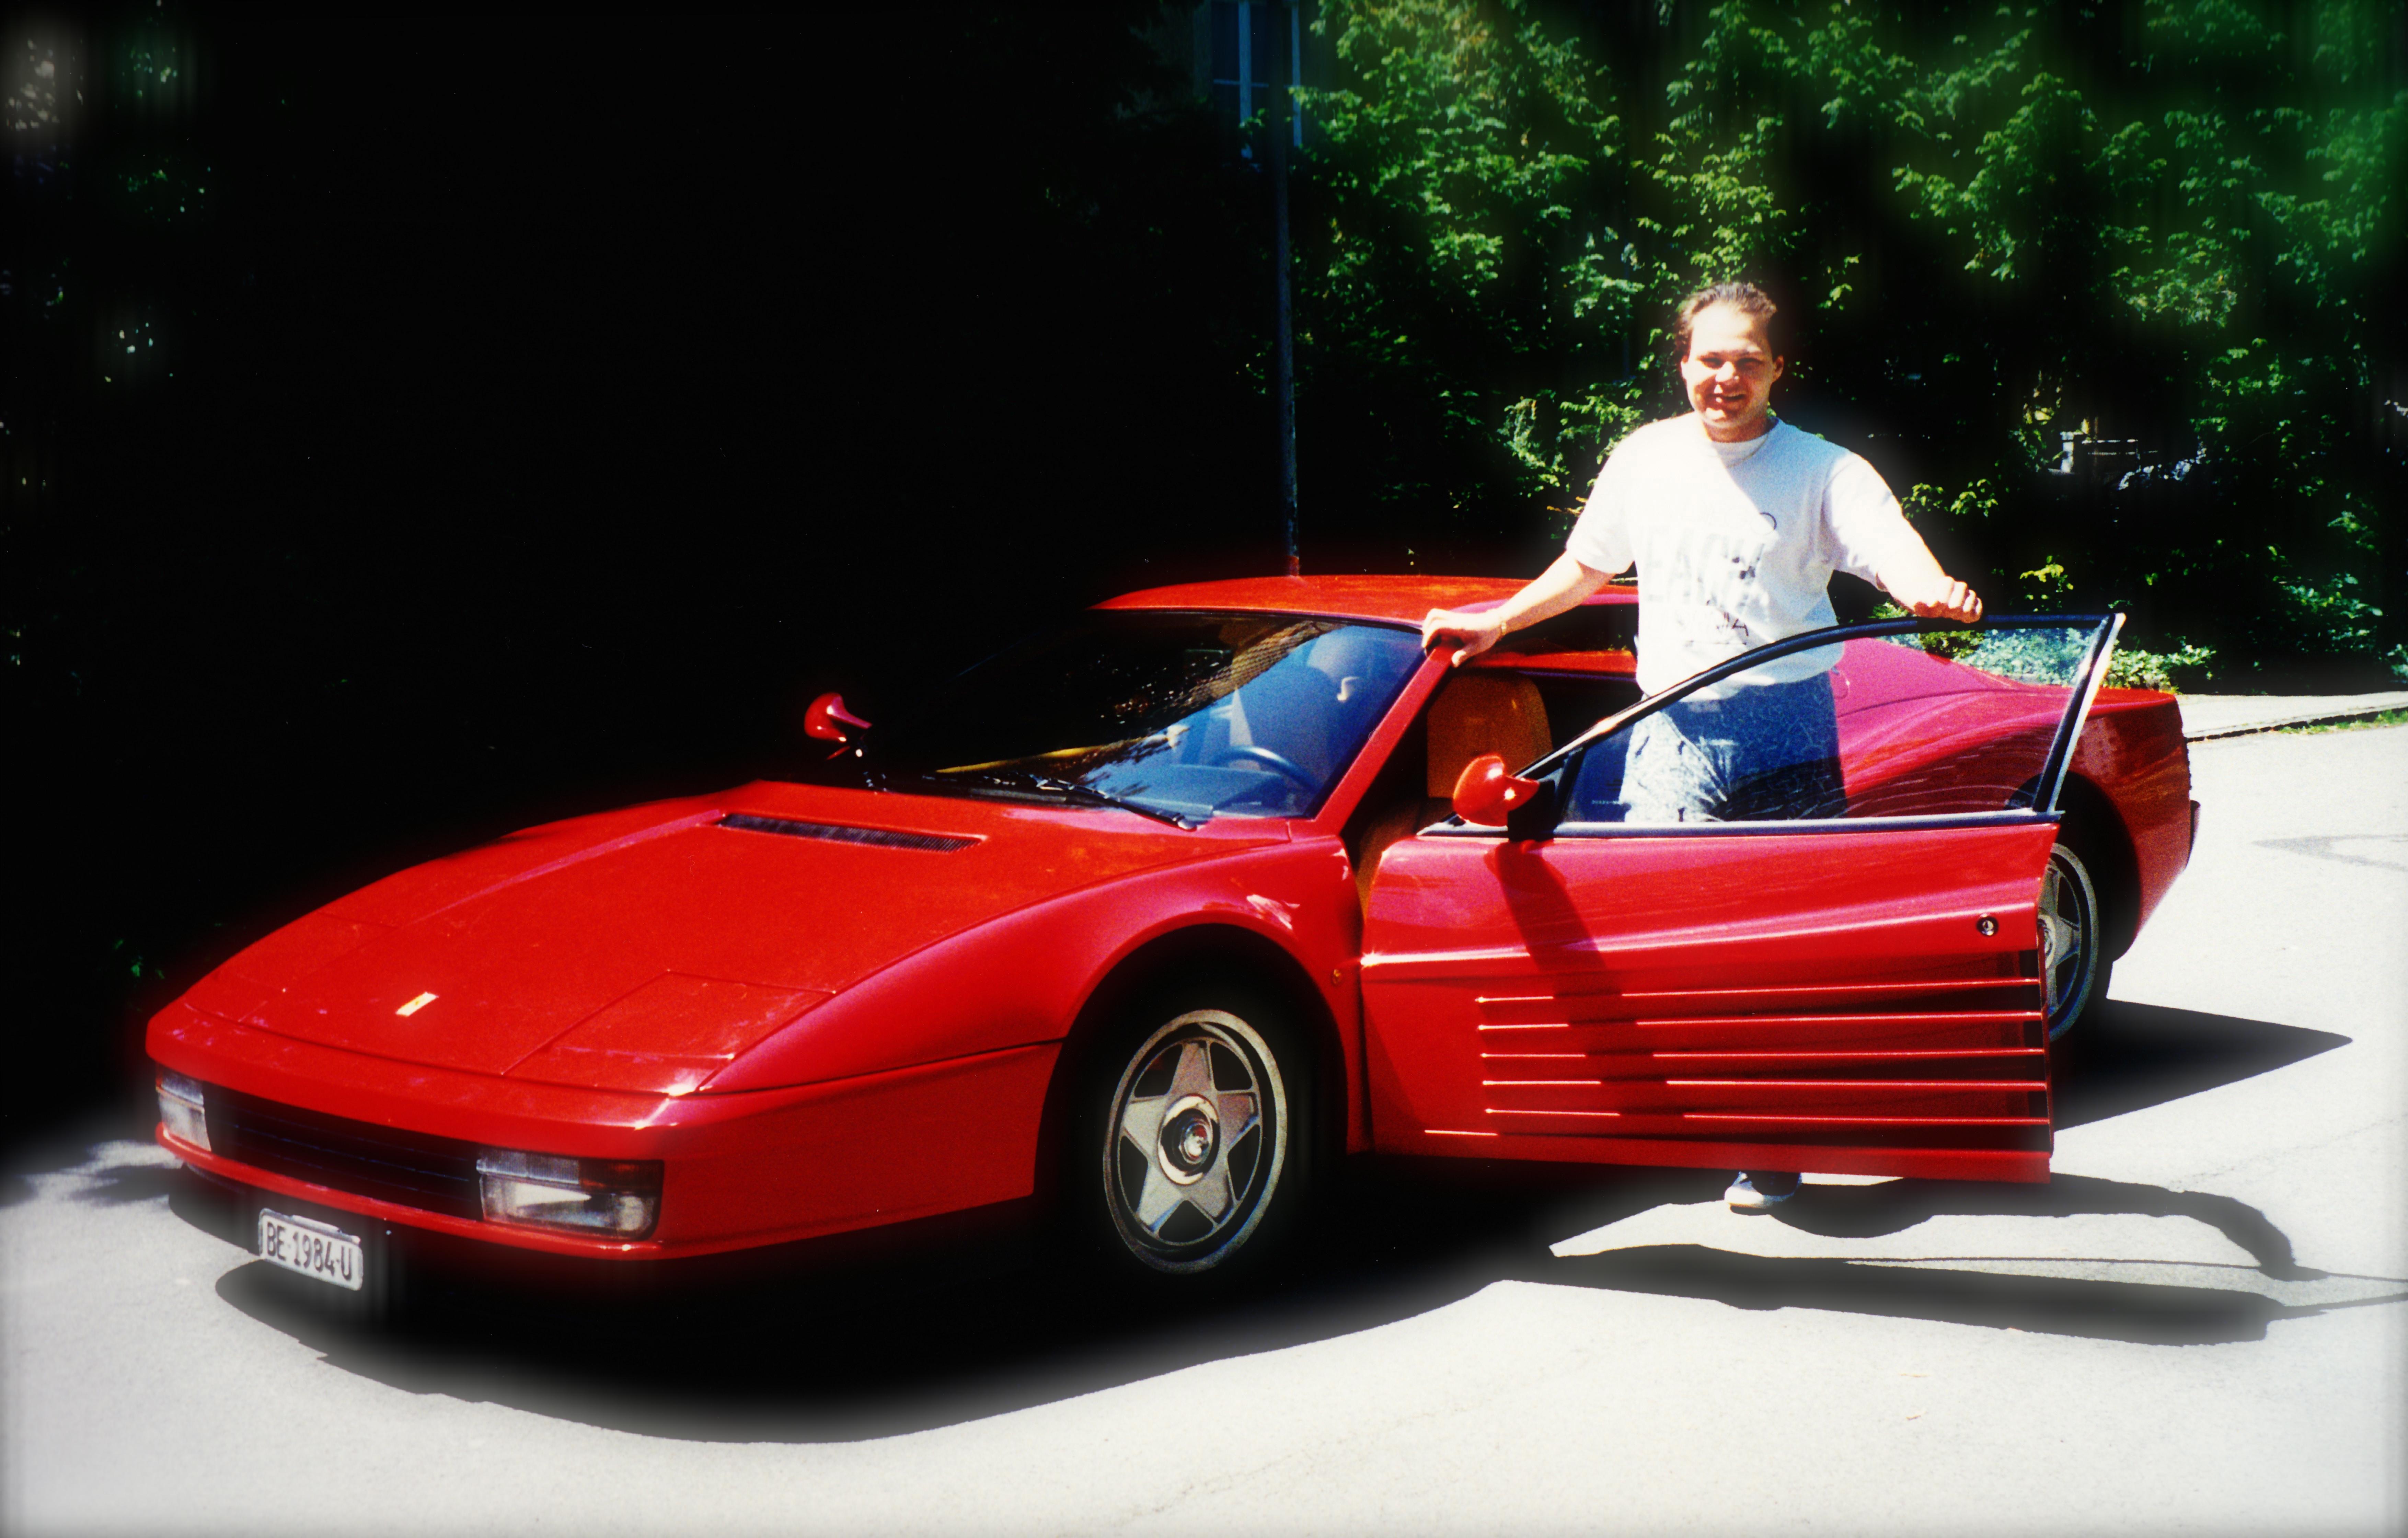 Ferrari Testarossa Les Yeux 233 Changent Leur Regard Et Les